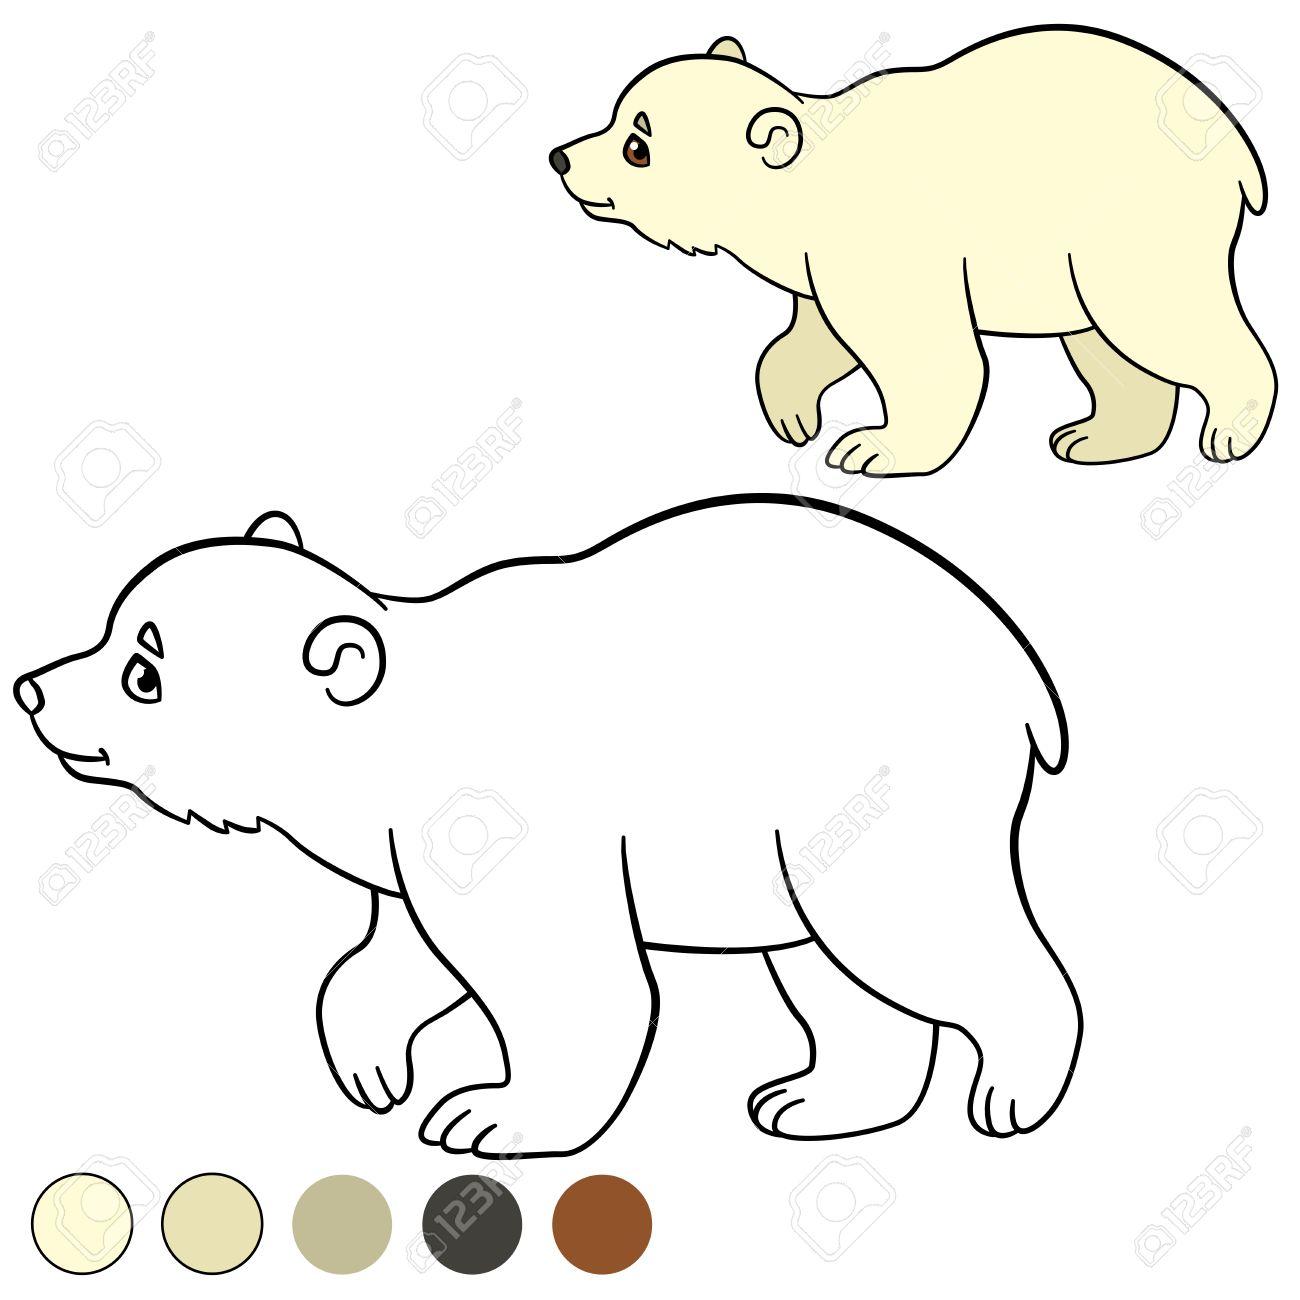 Berühmt Süsse Eisbär Malvorlagen Bilder - Malvorlagen Von Tieren ...